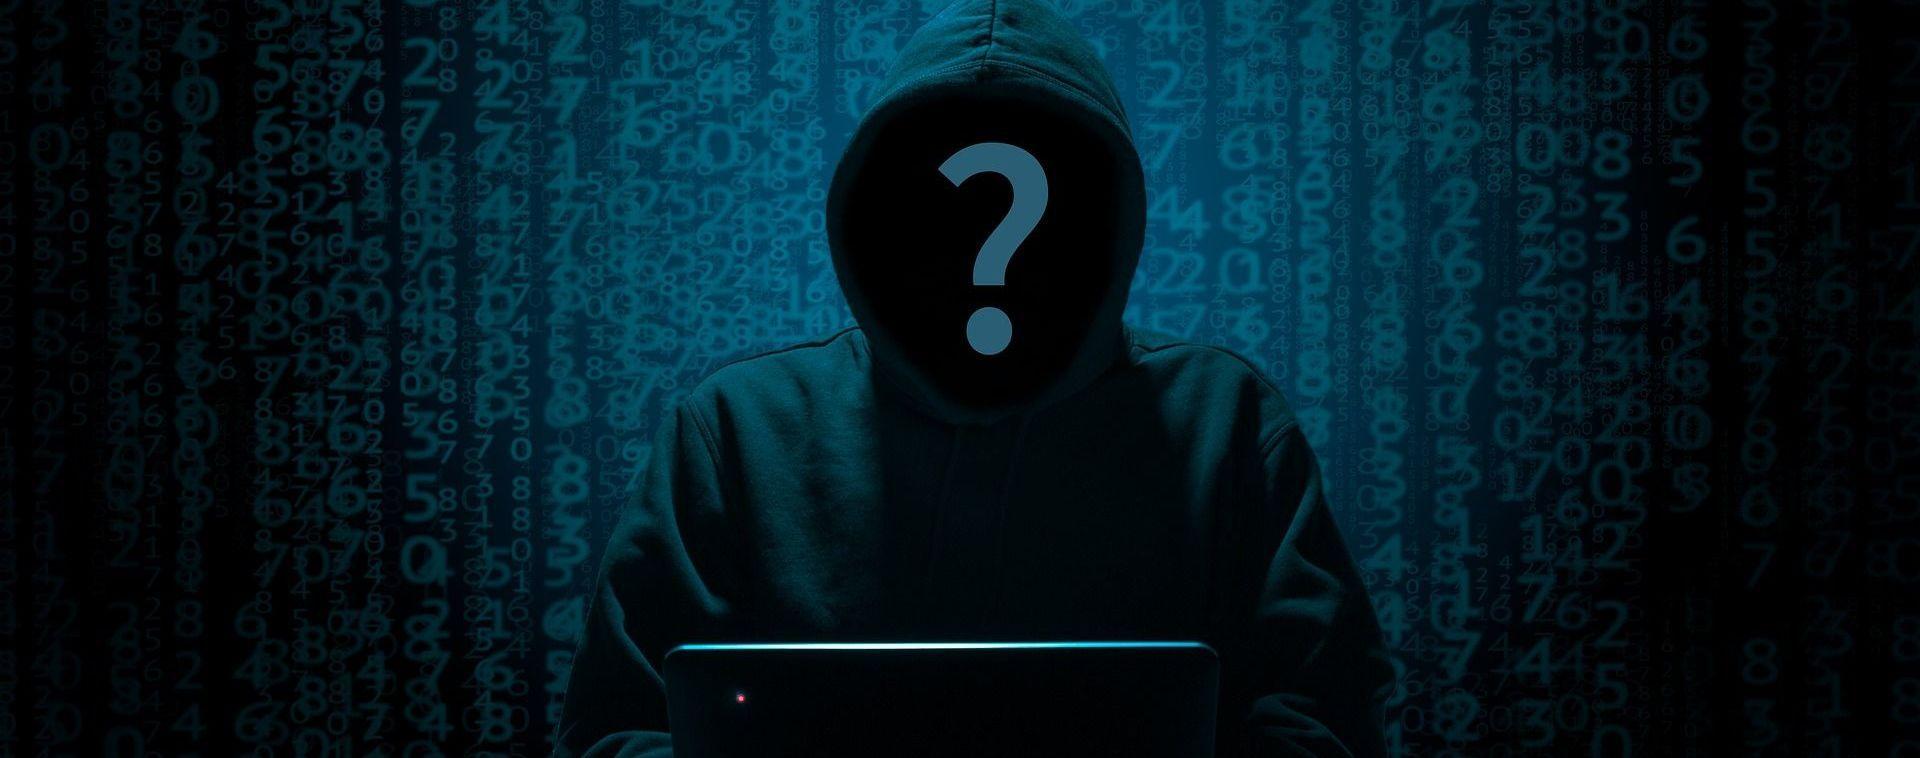 """Мошенники создали фальшивый сайт """"ПриватБанка"""" и выманивают деньги: как отличить подделку"""